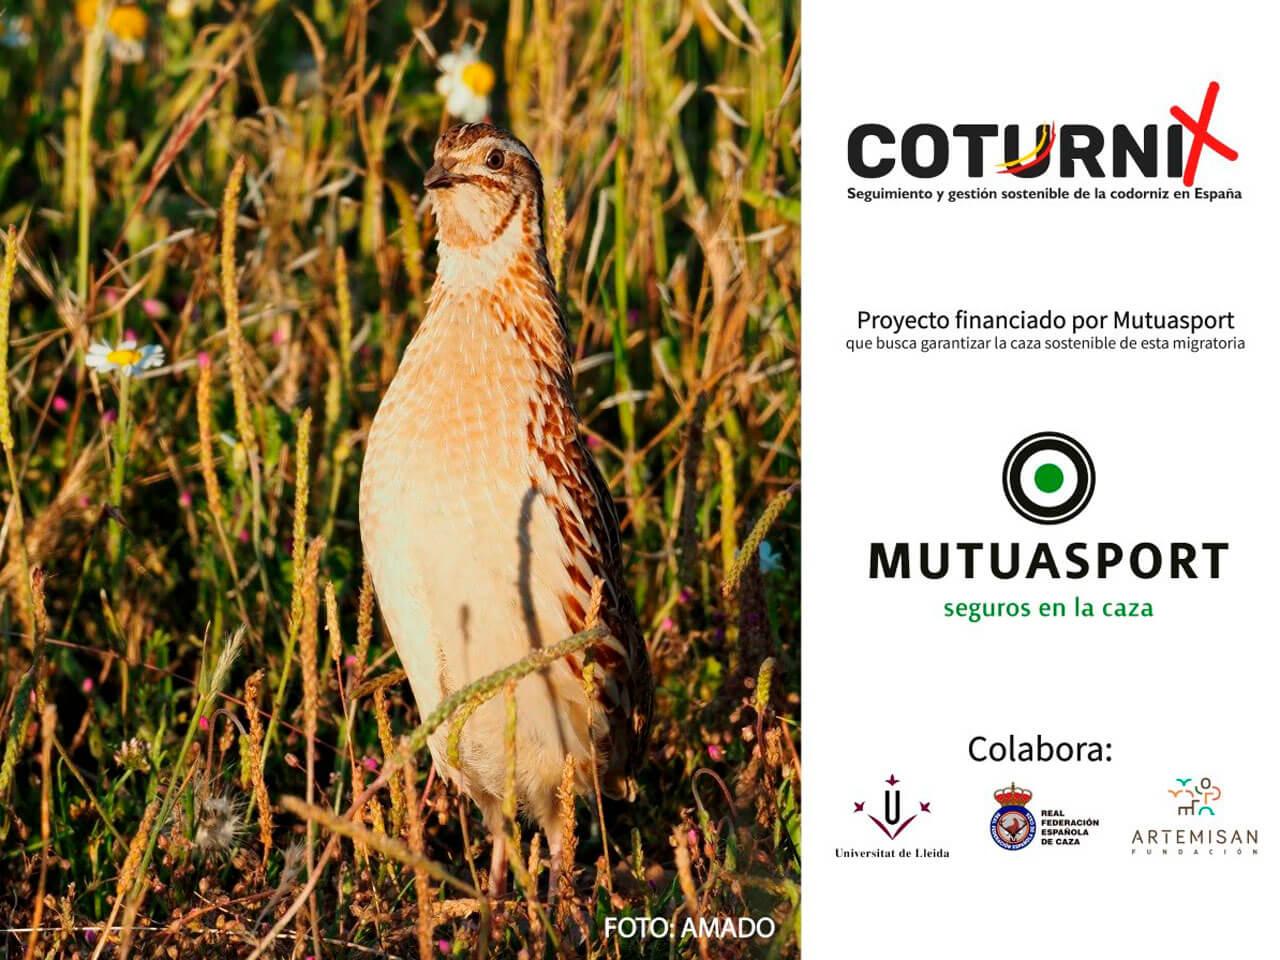 El proyecto Coturnix recoge más de 10.000 muestras de codorniz